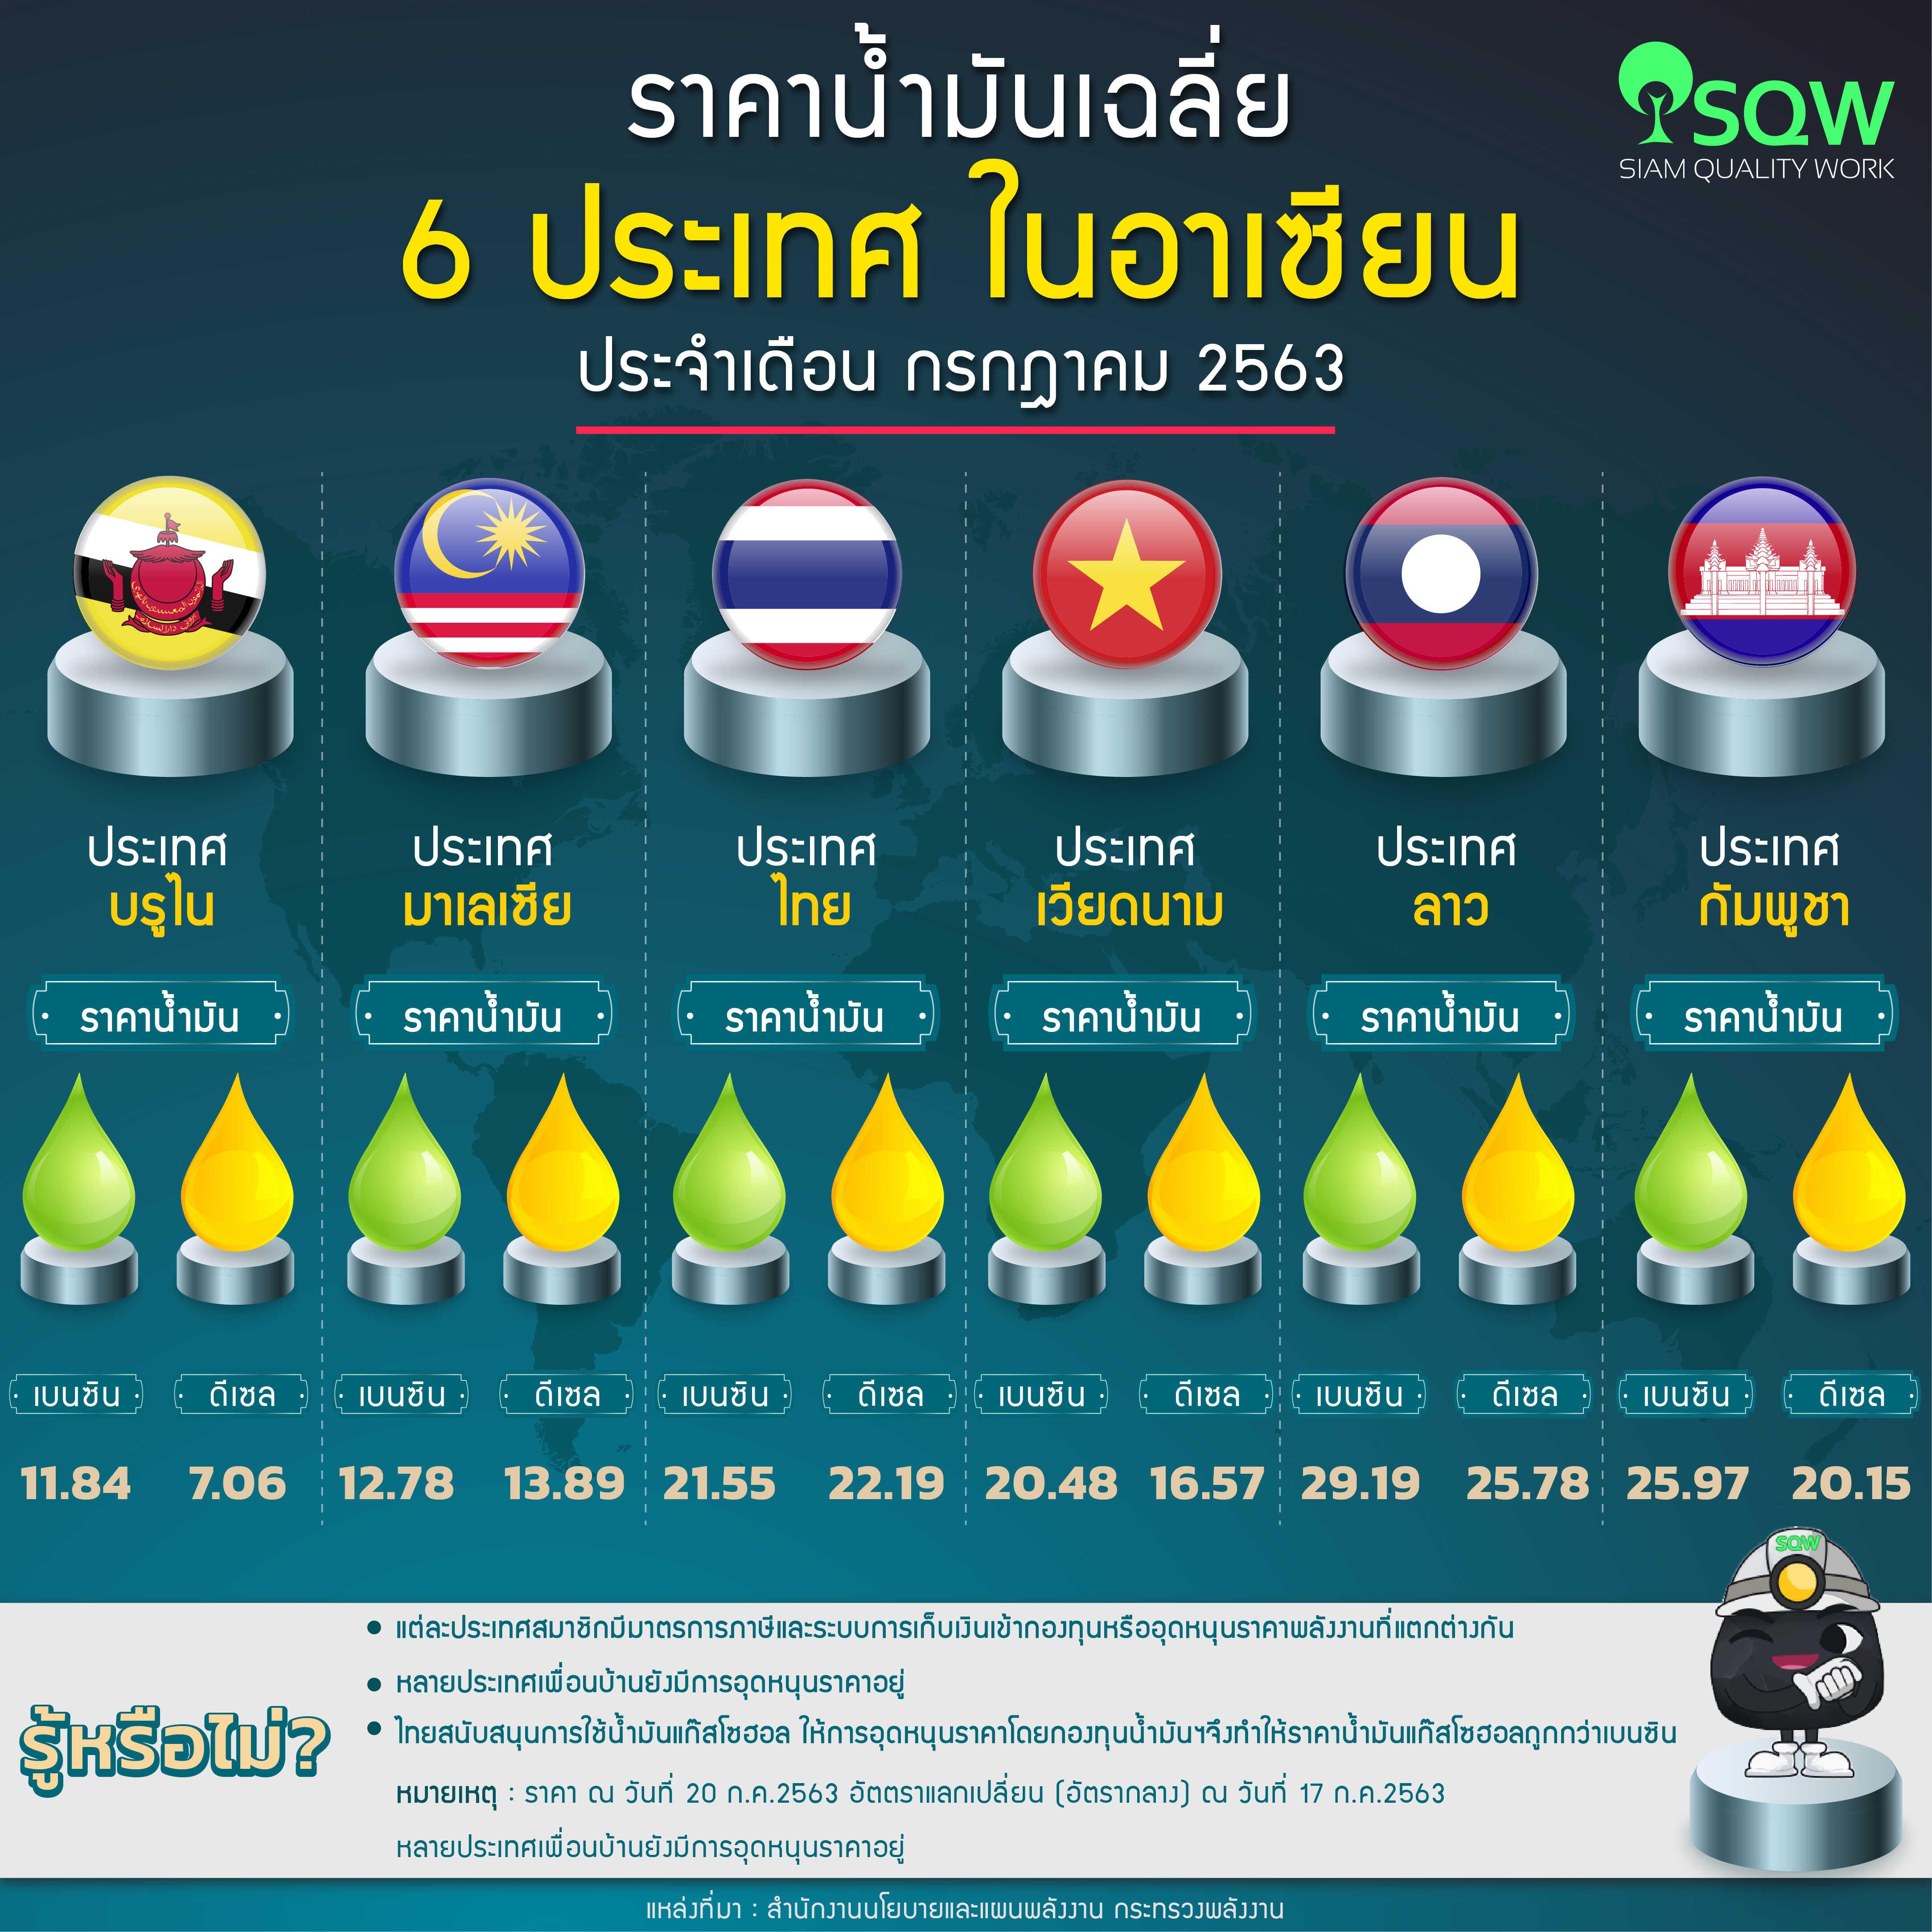 ราคาน้ำมันเฉลี่ยใน6 ประเทศในอาเซียน ประจำวันที่ 20 กรกฎาคม 2563